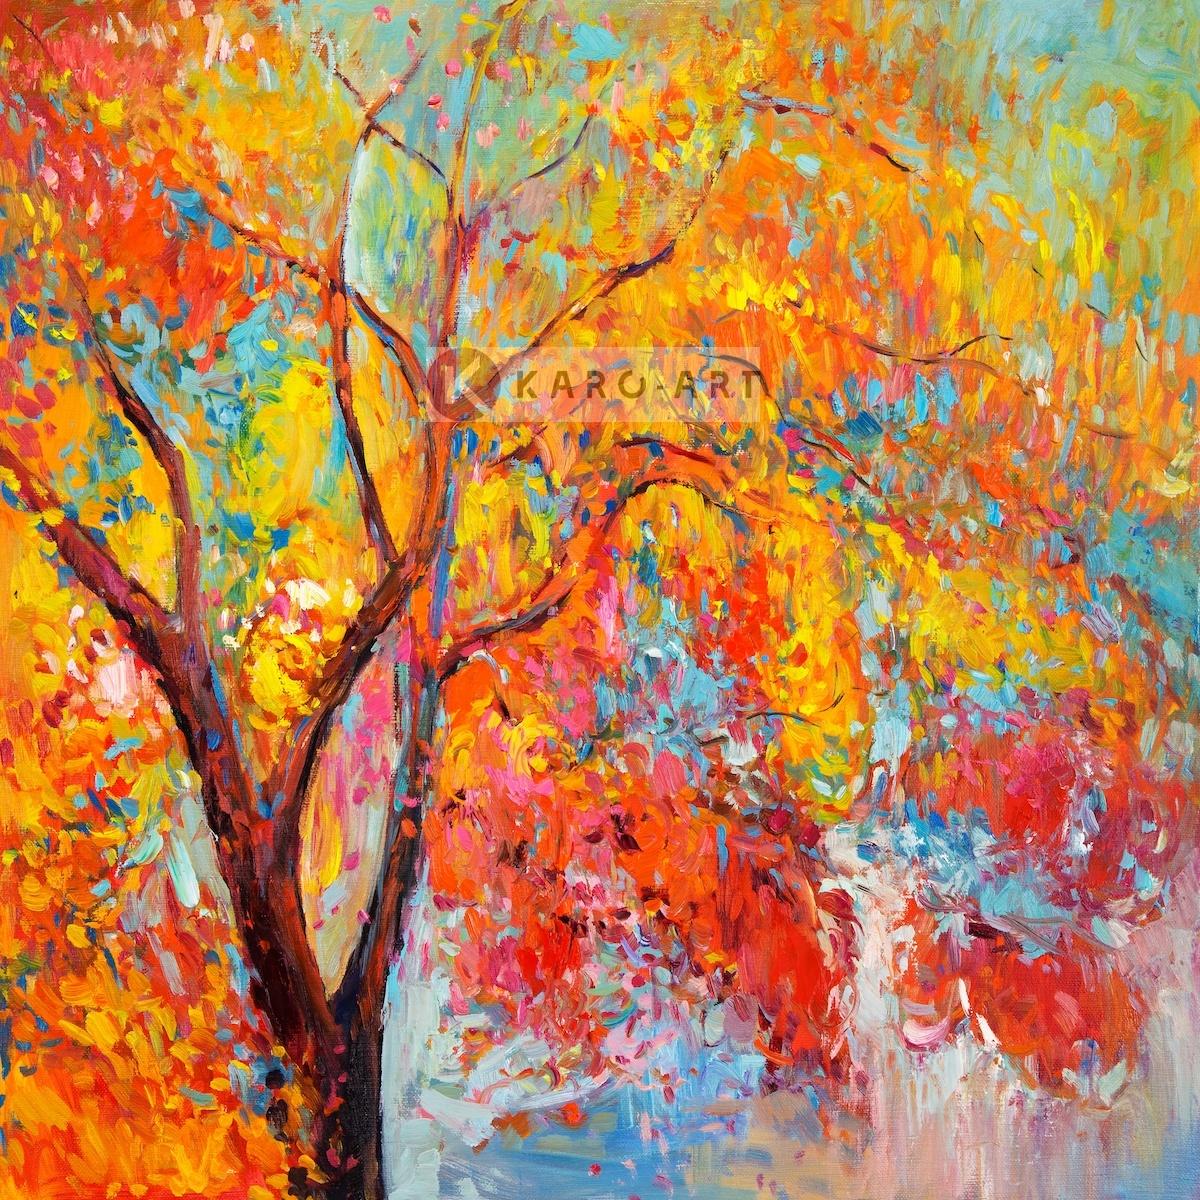 Afbeelding op acrylglas - Park in de herfst